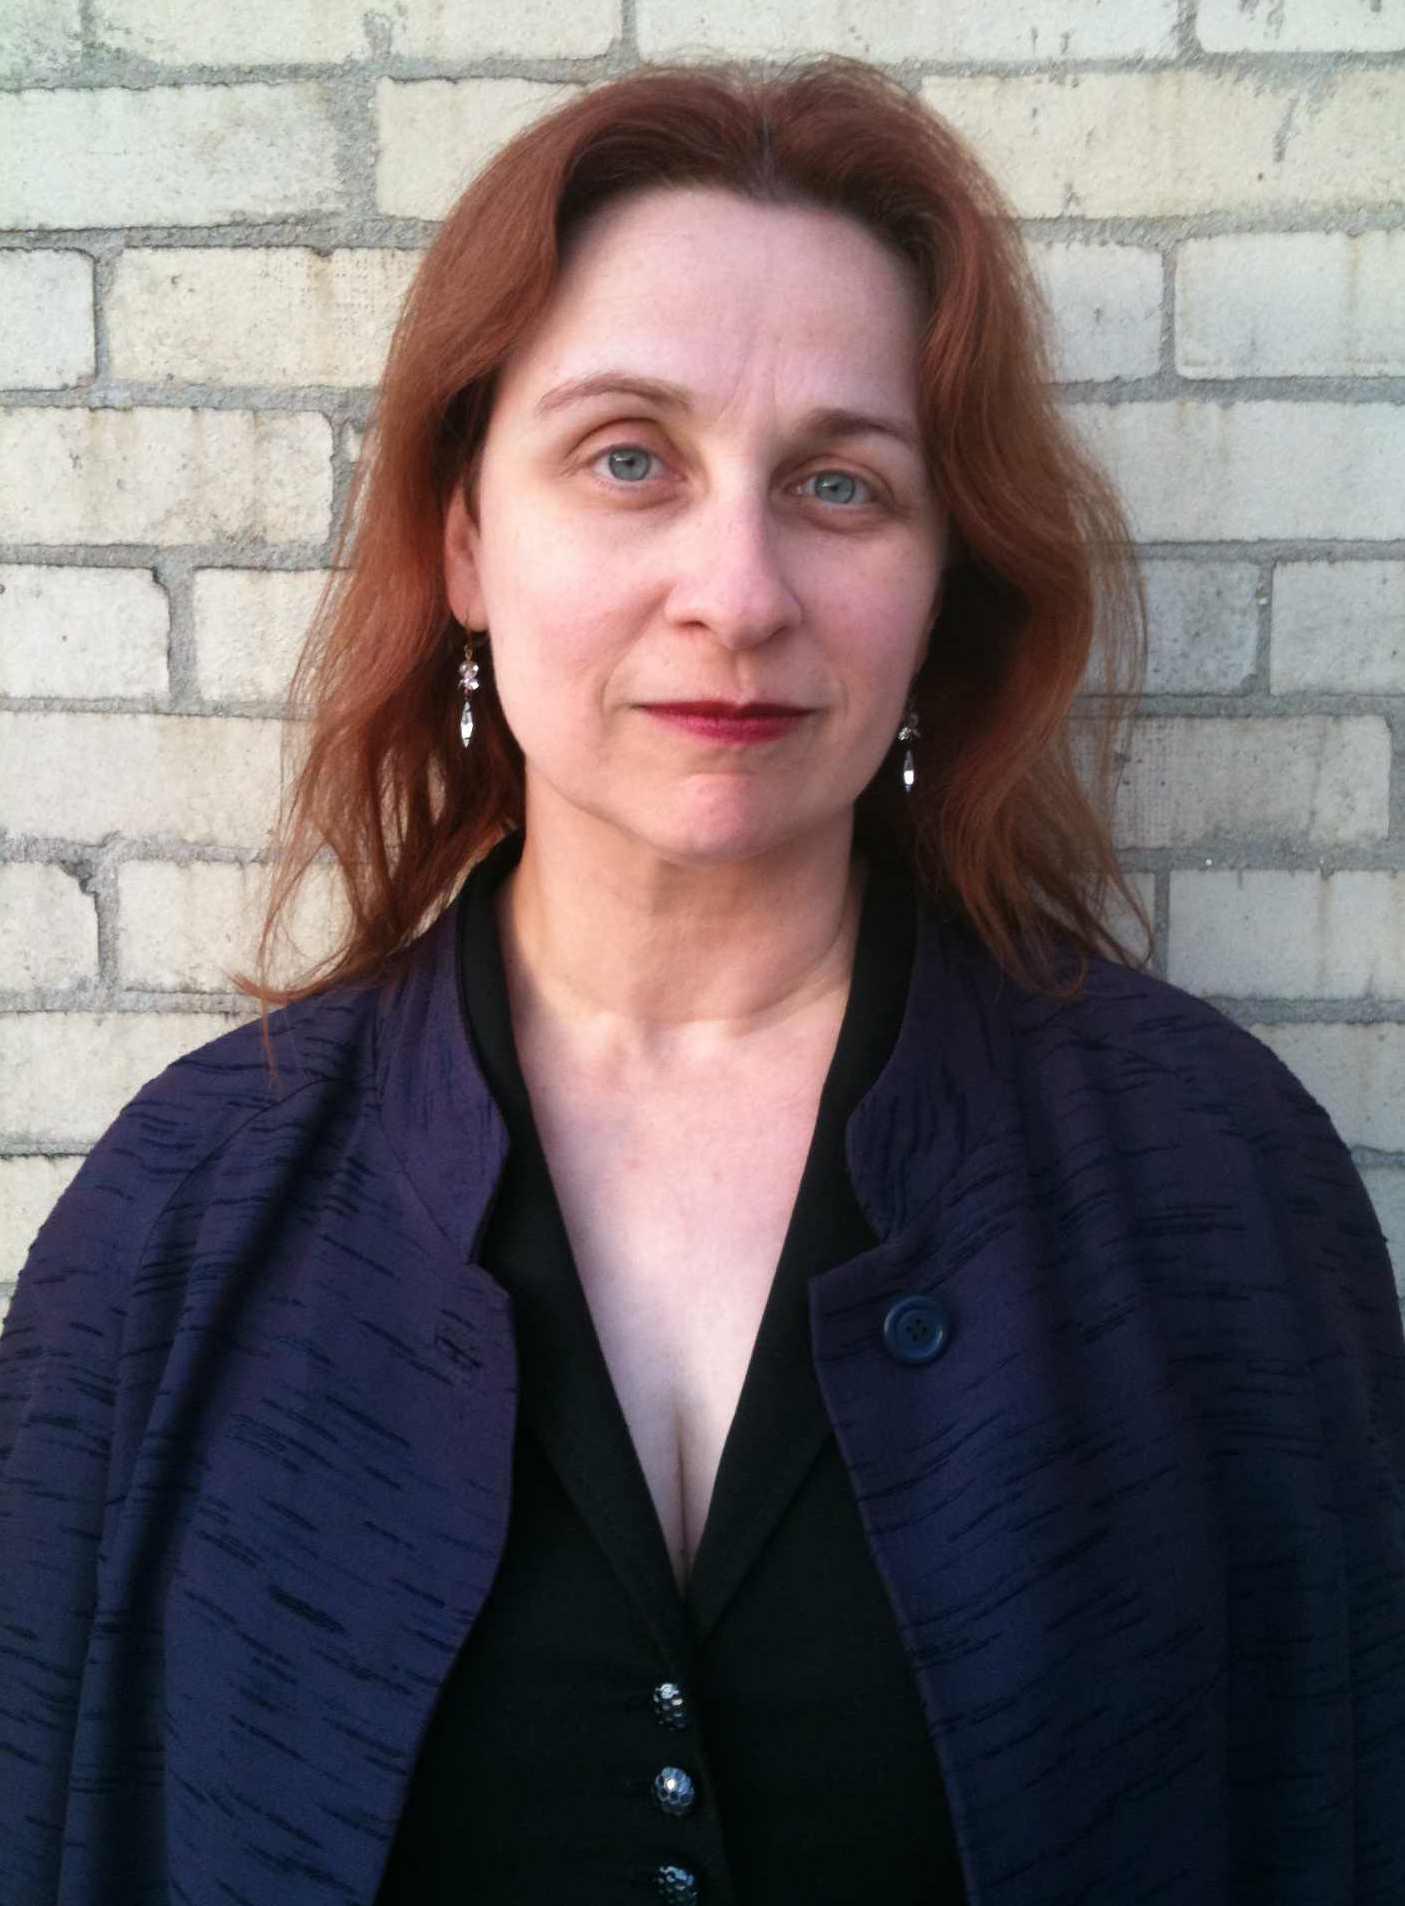 Portrait of Audrey Niffenegger